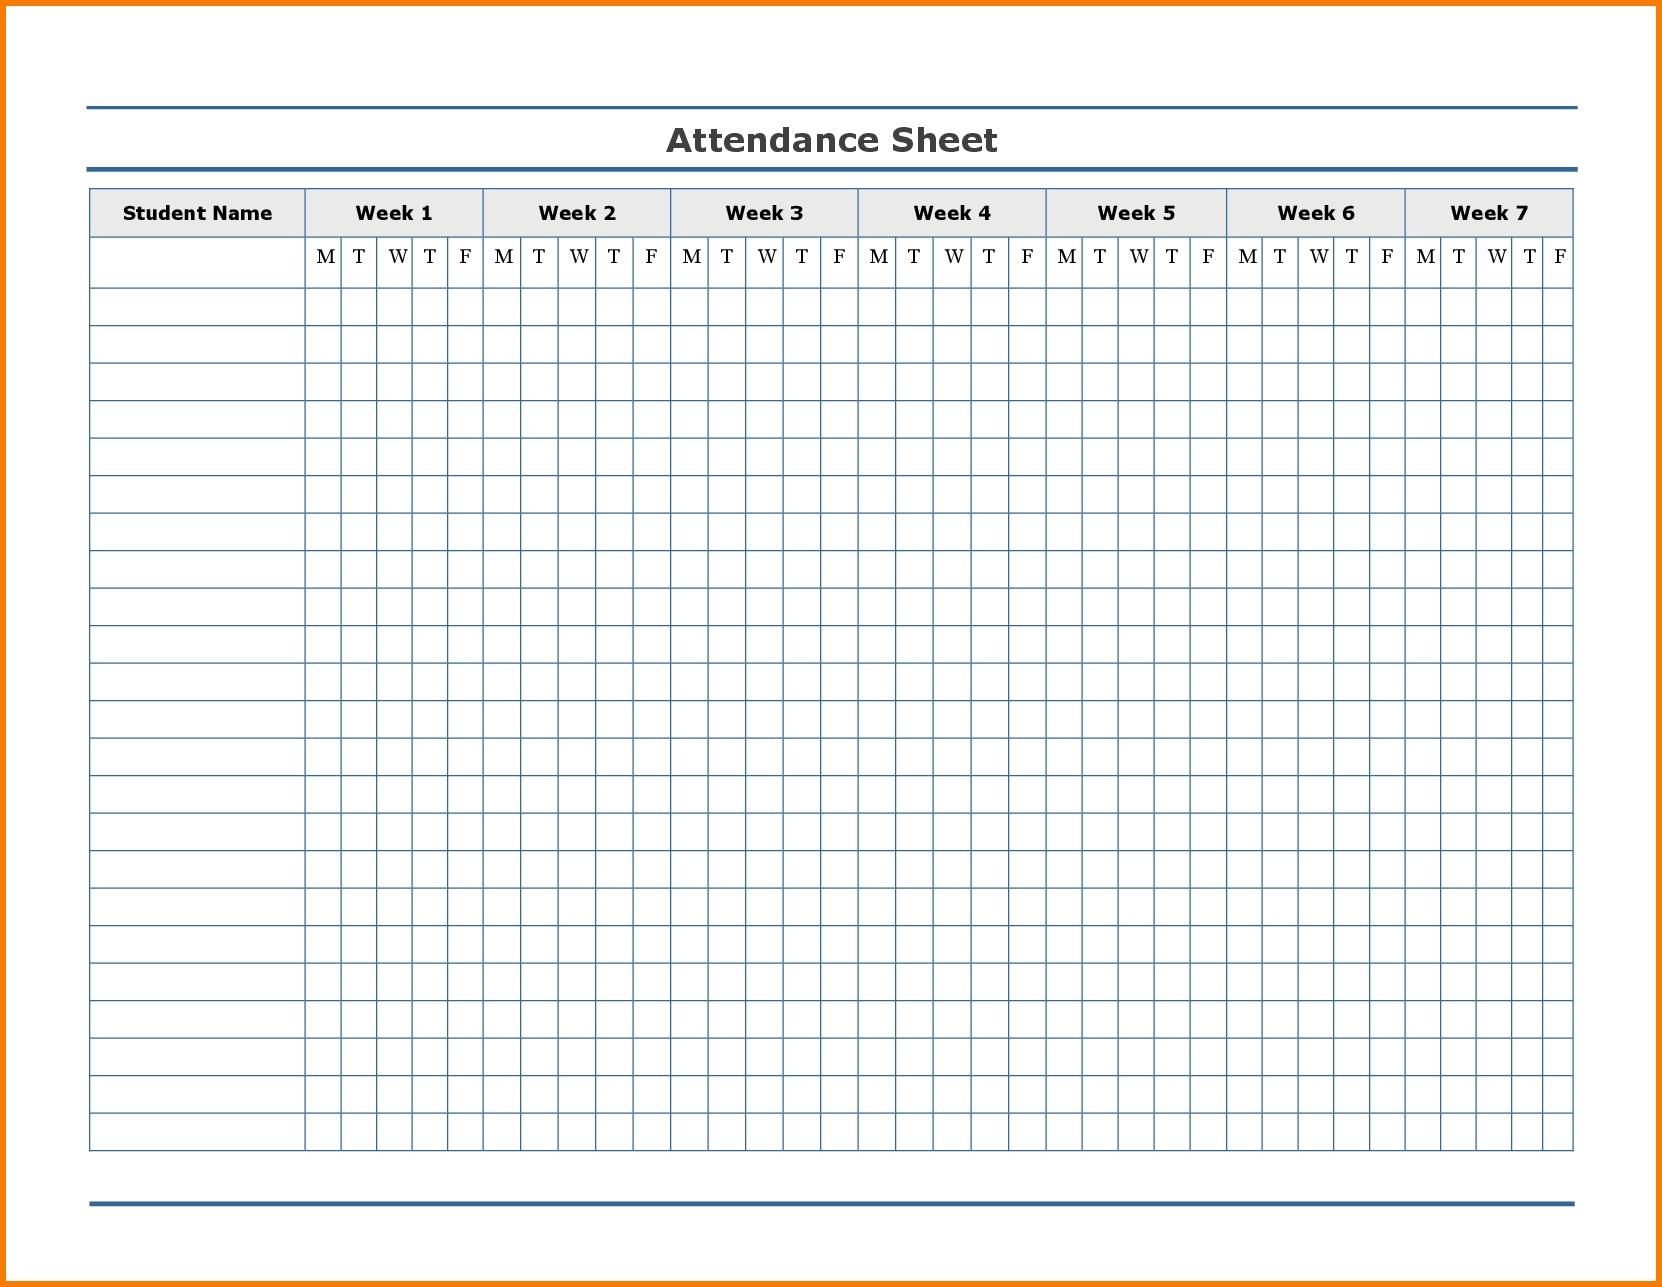 2021 Attendance Calendar - Template Calendar Design